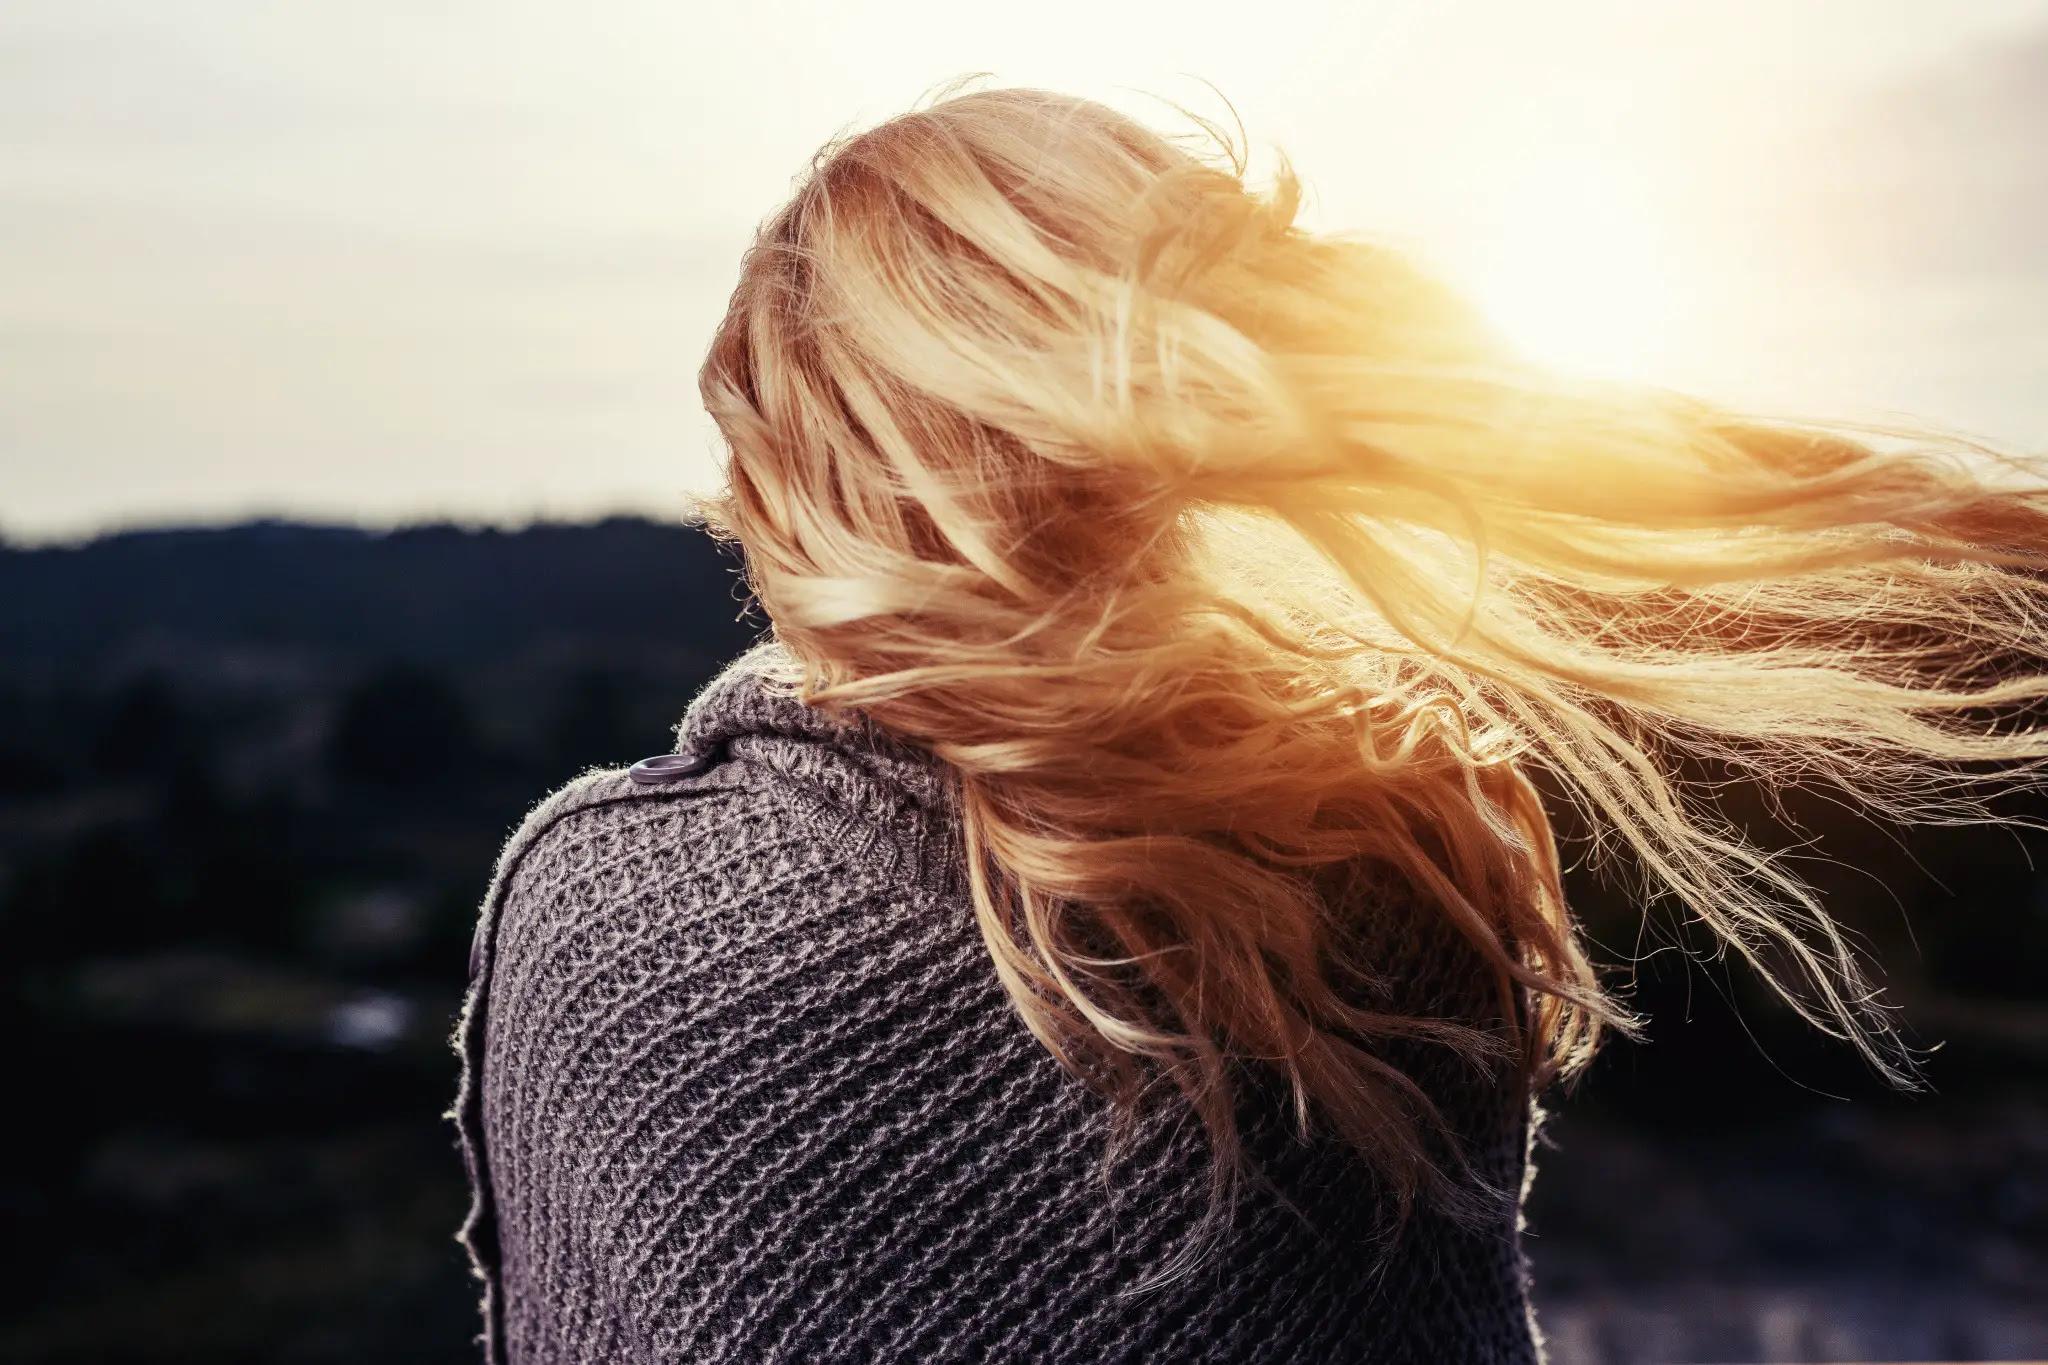 Traumdeutung Haare Haarfarbe Frisur Etc Im Traum Bedeutung